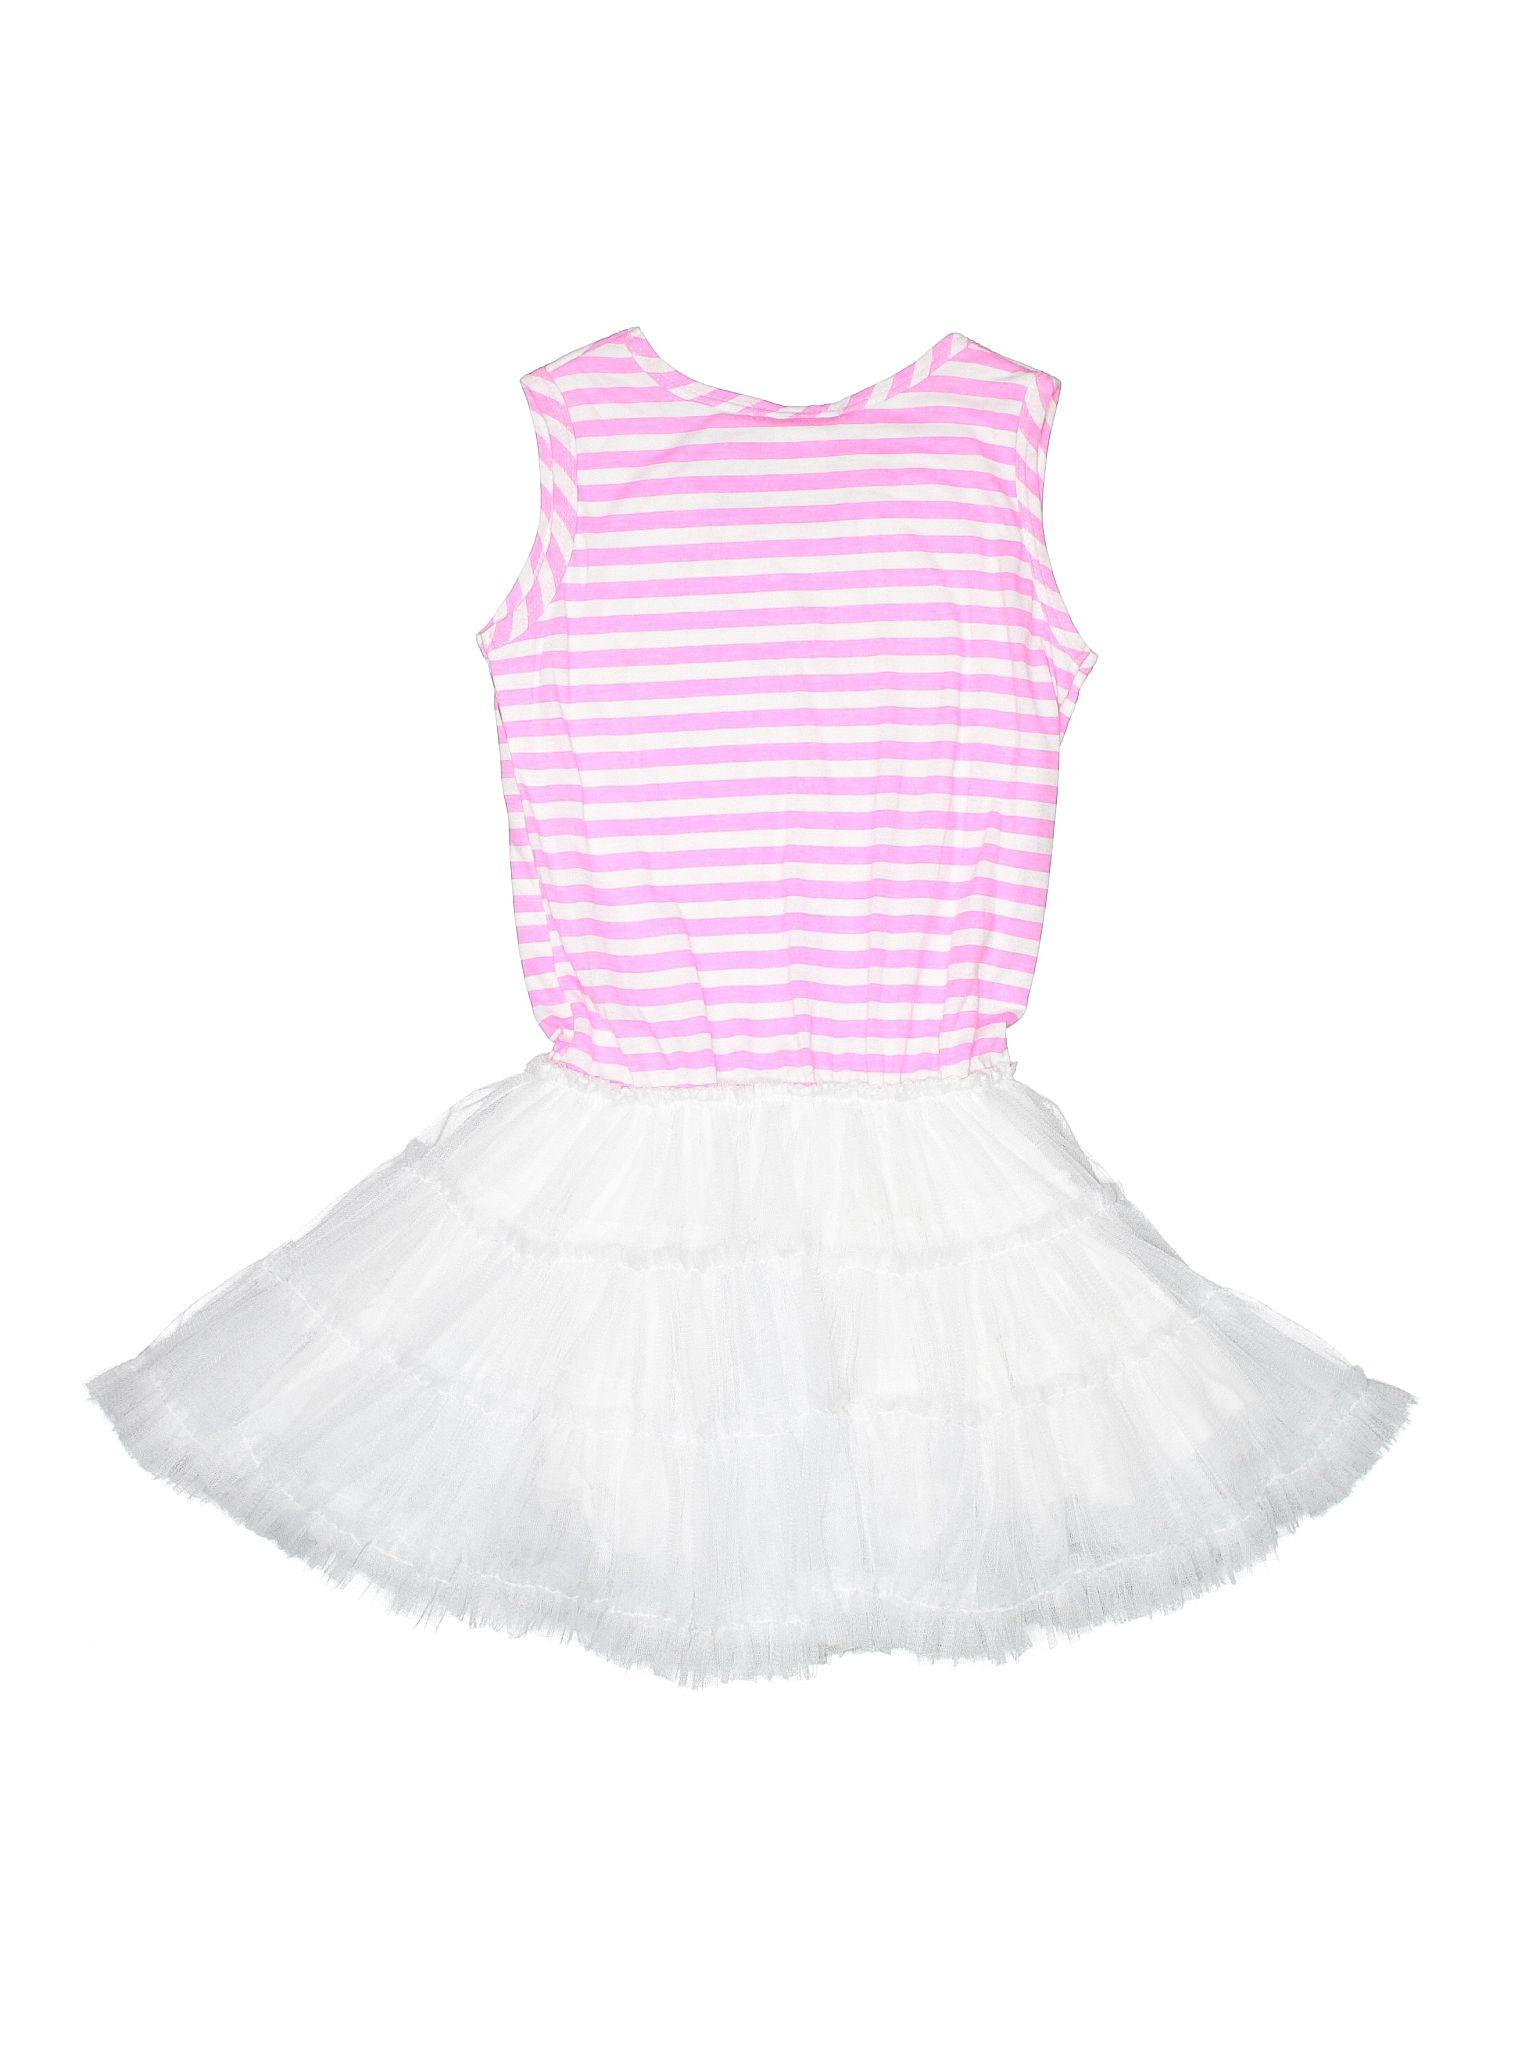 Little Mass Dress: Light Pink Girls Skirts & Dresses - 26324555